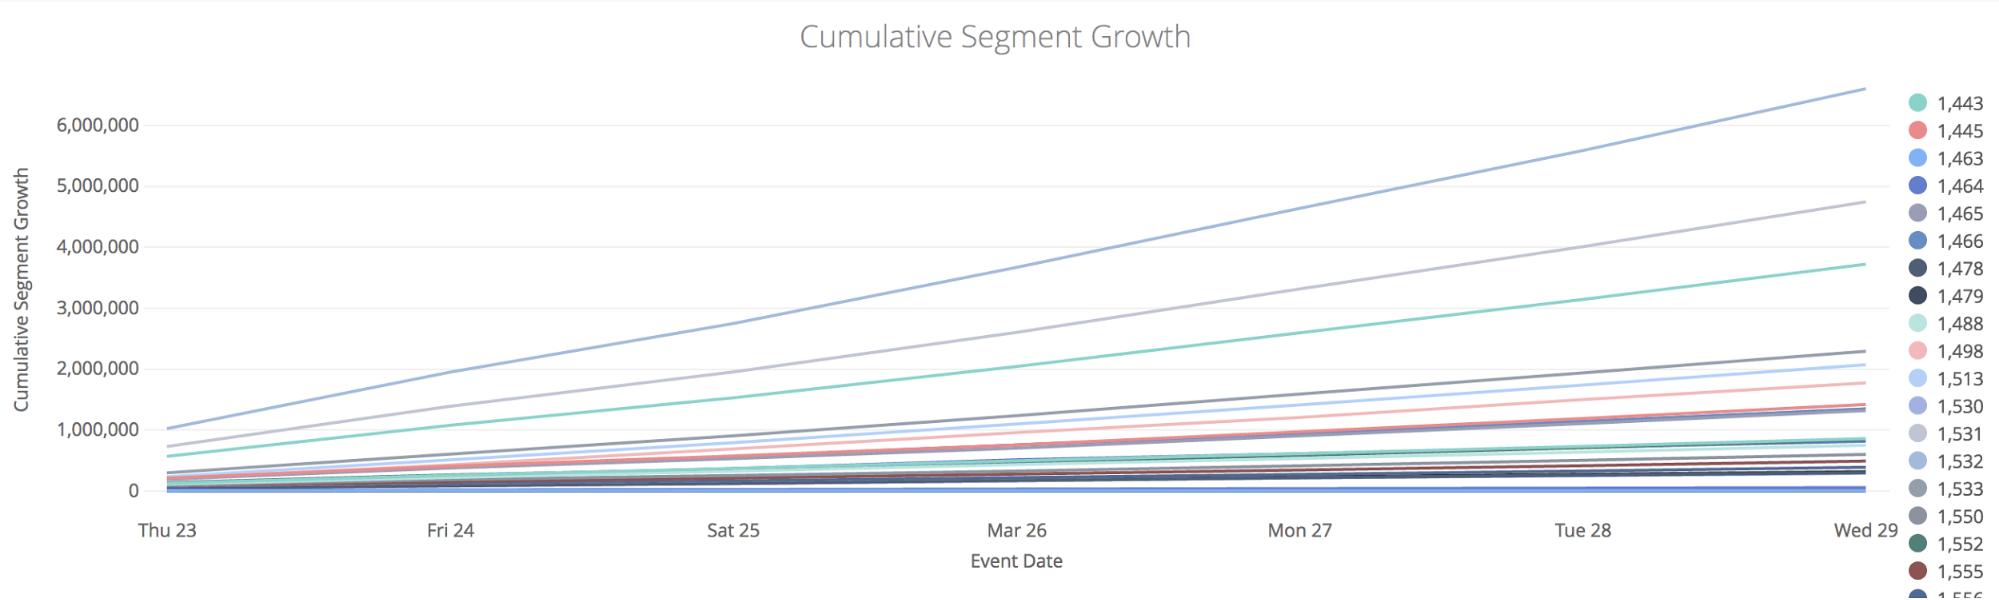 Cumulative Segment Growth